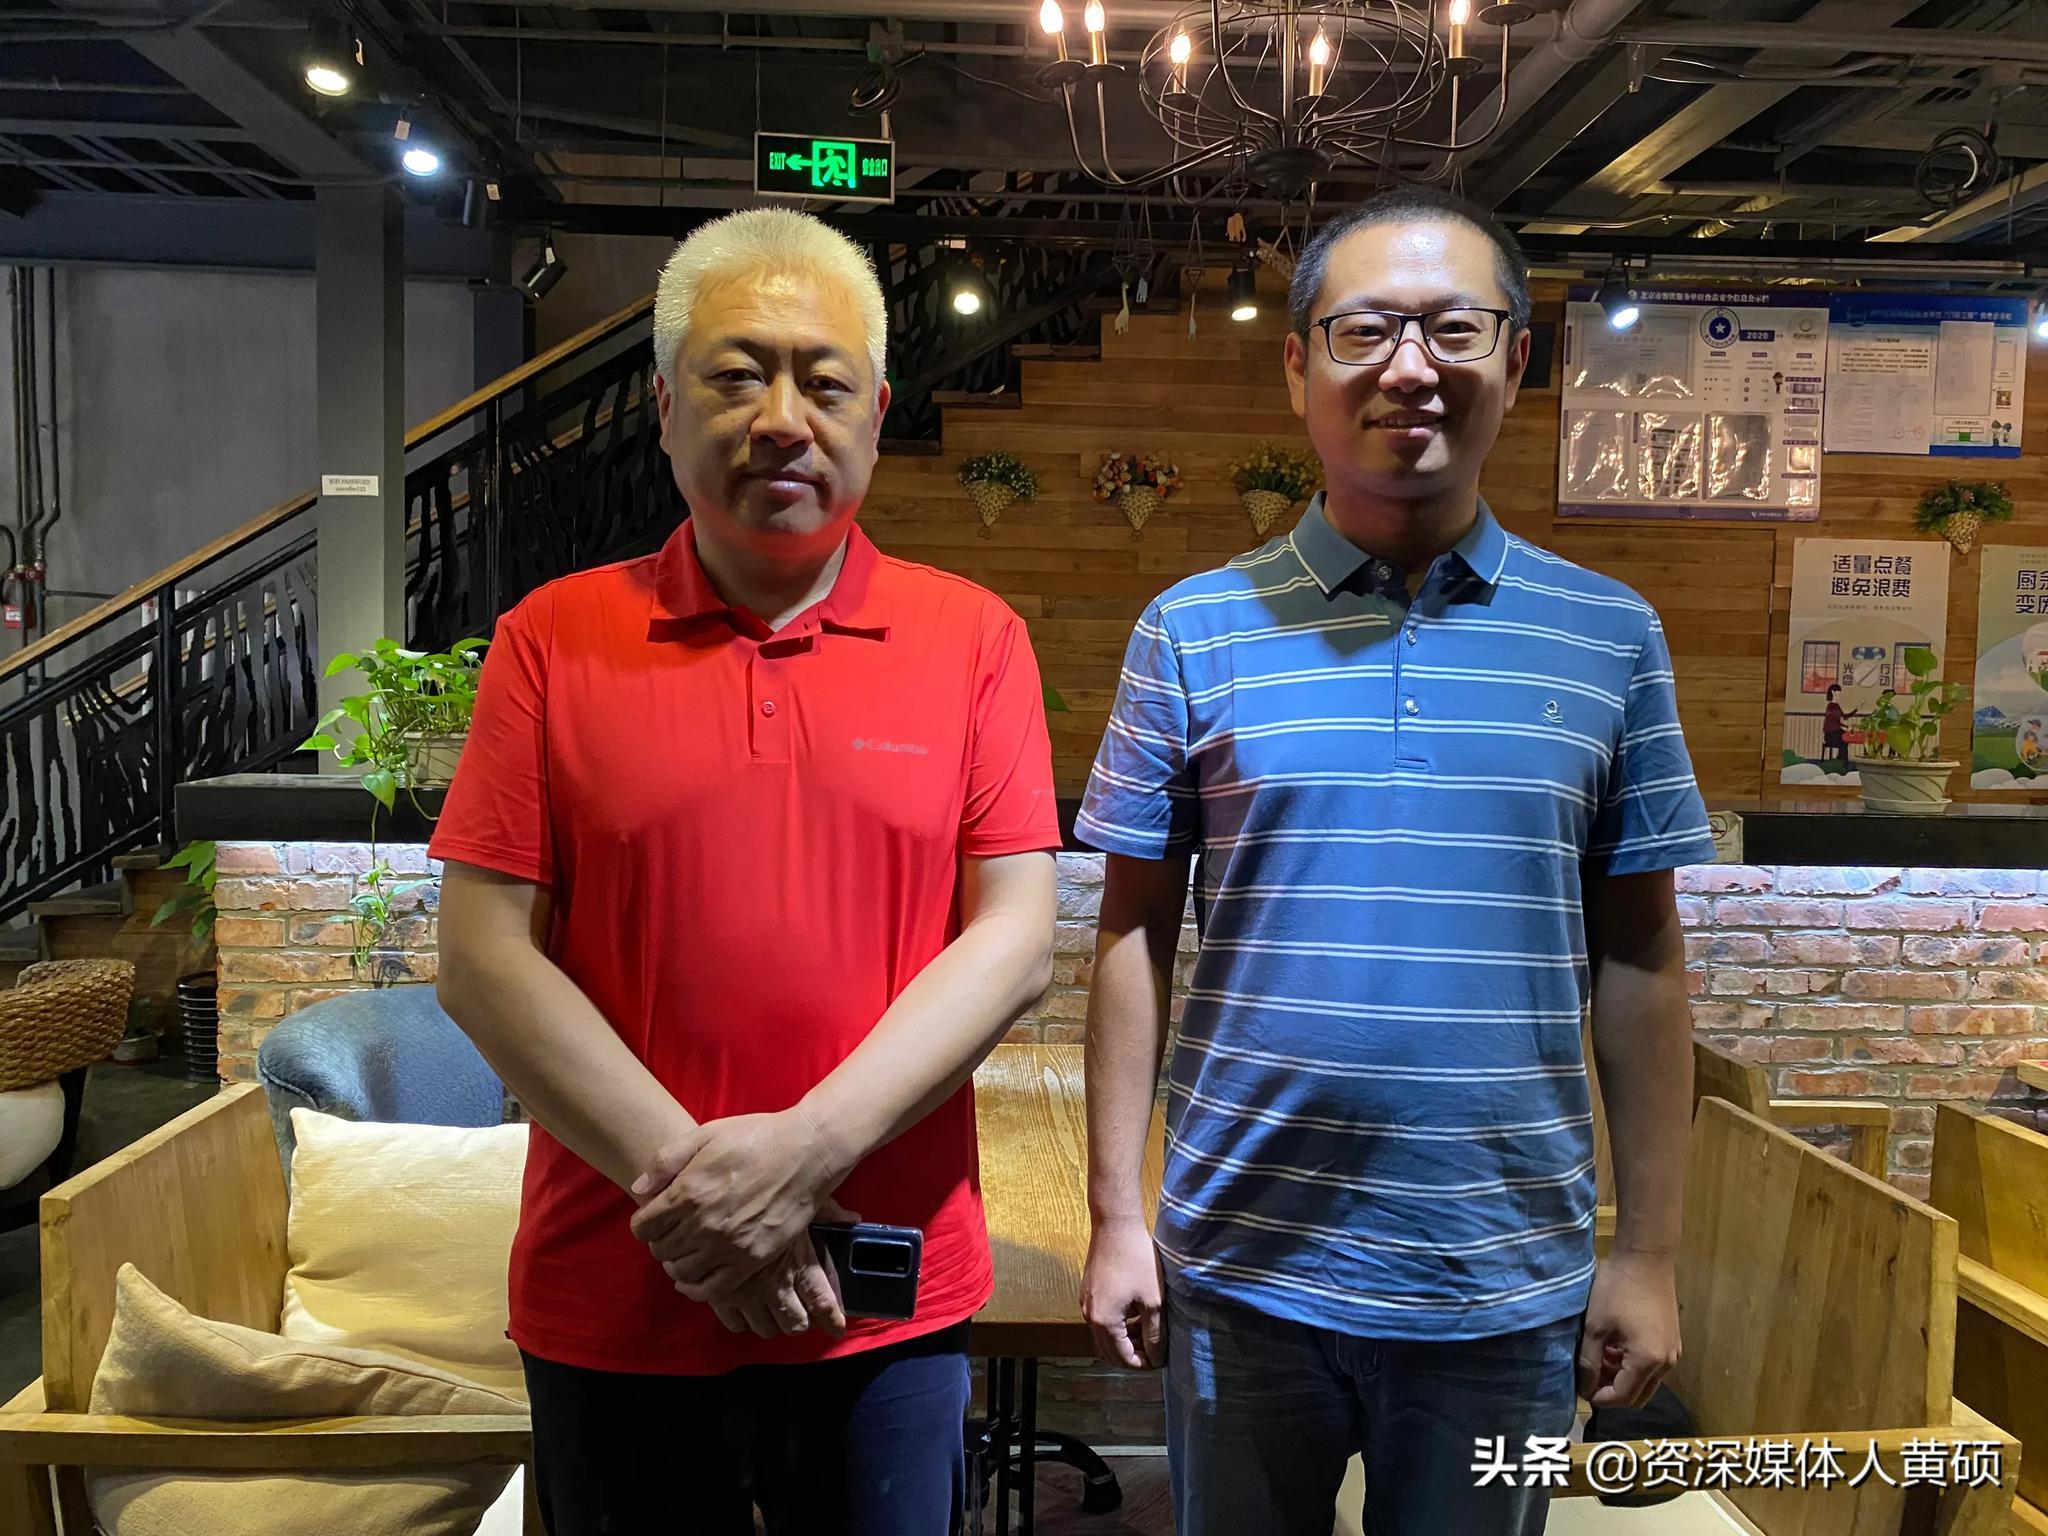 黄硕谈张笑君:面向市场 准确开发旅游资